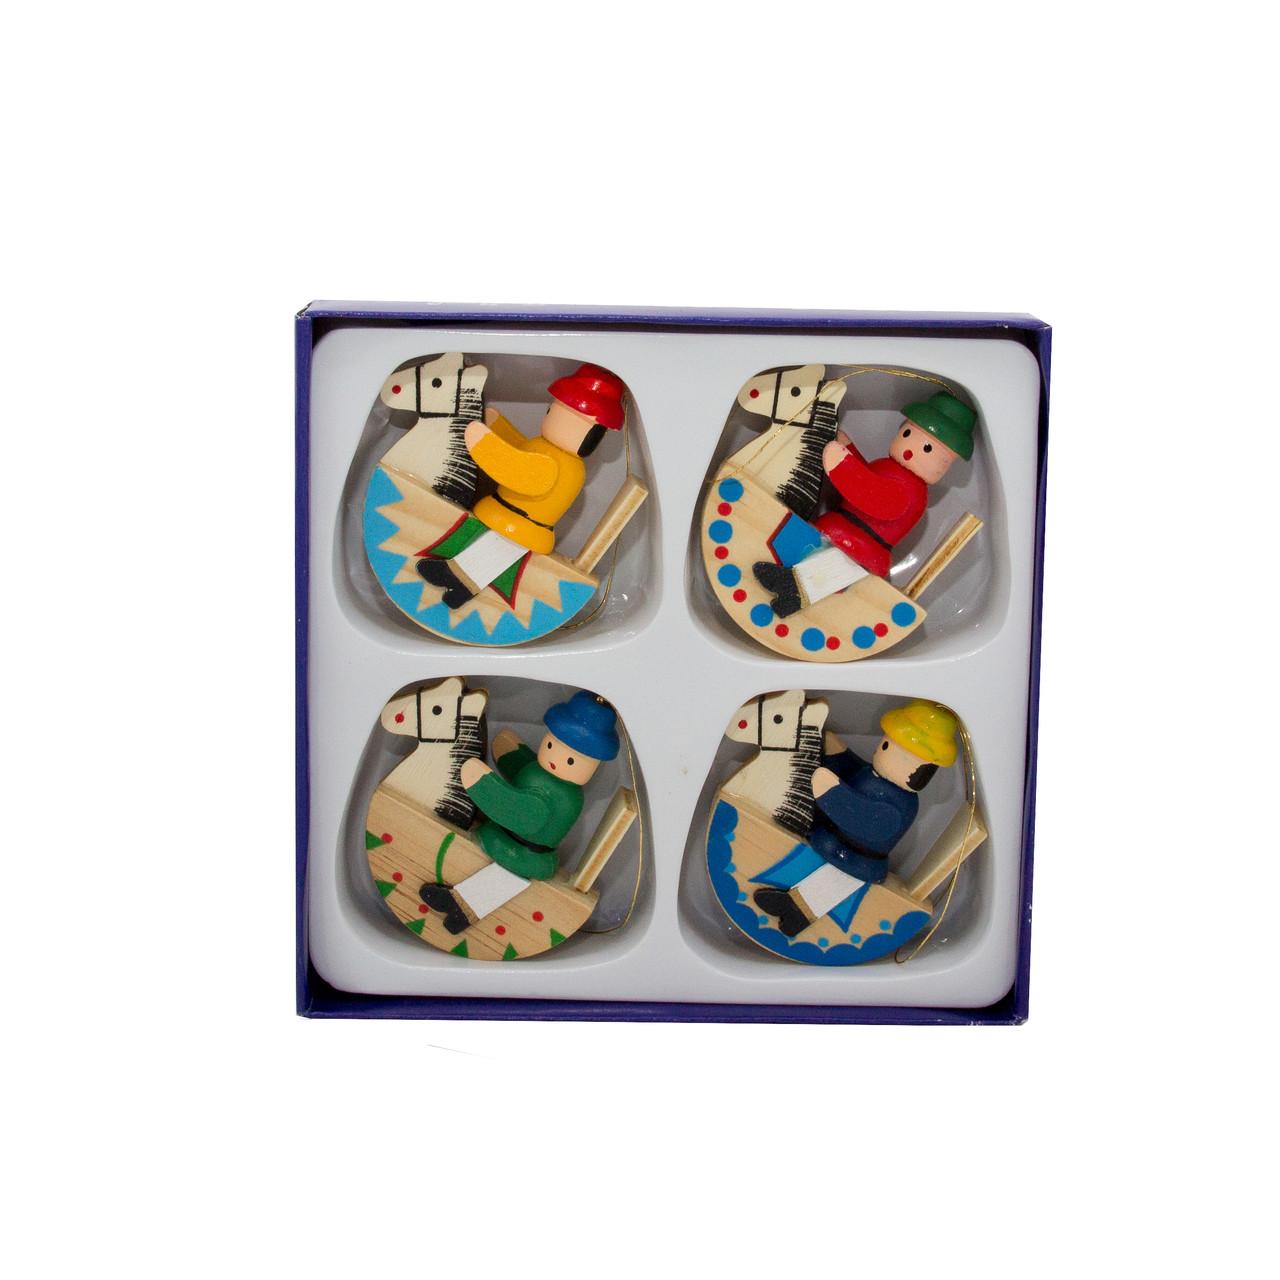 Набор новогодних игрушек - деревянные фигурки, 4 шт, 12*12 см, разноцветный, дерево (060726)